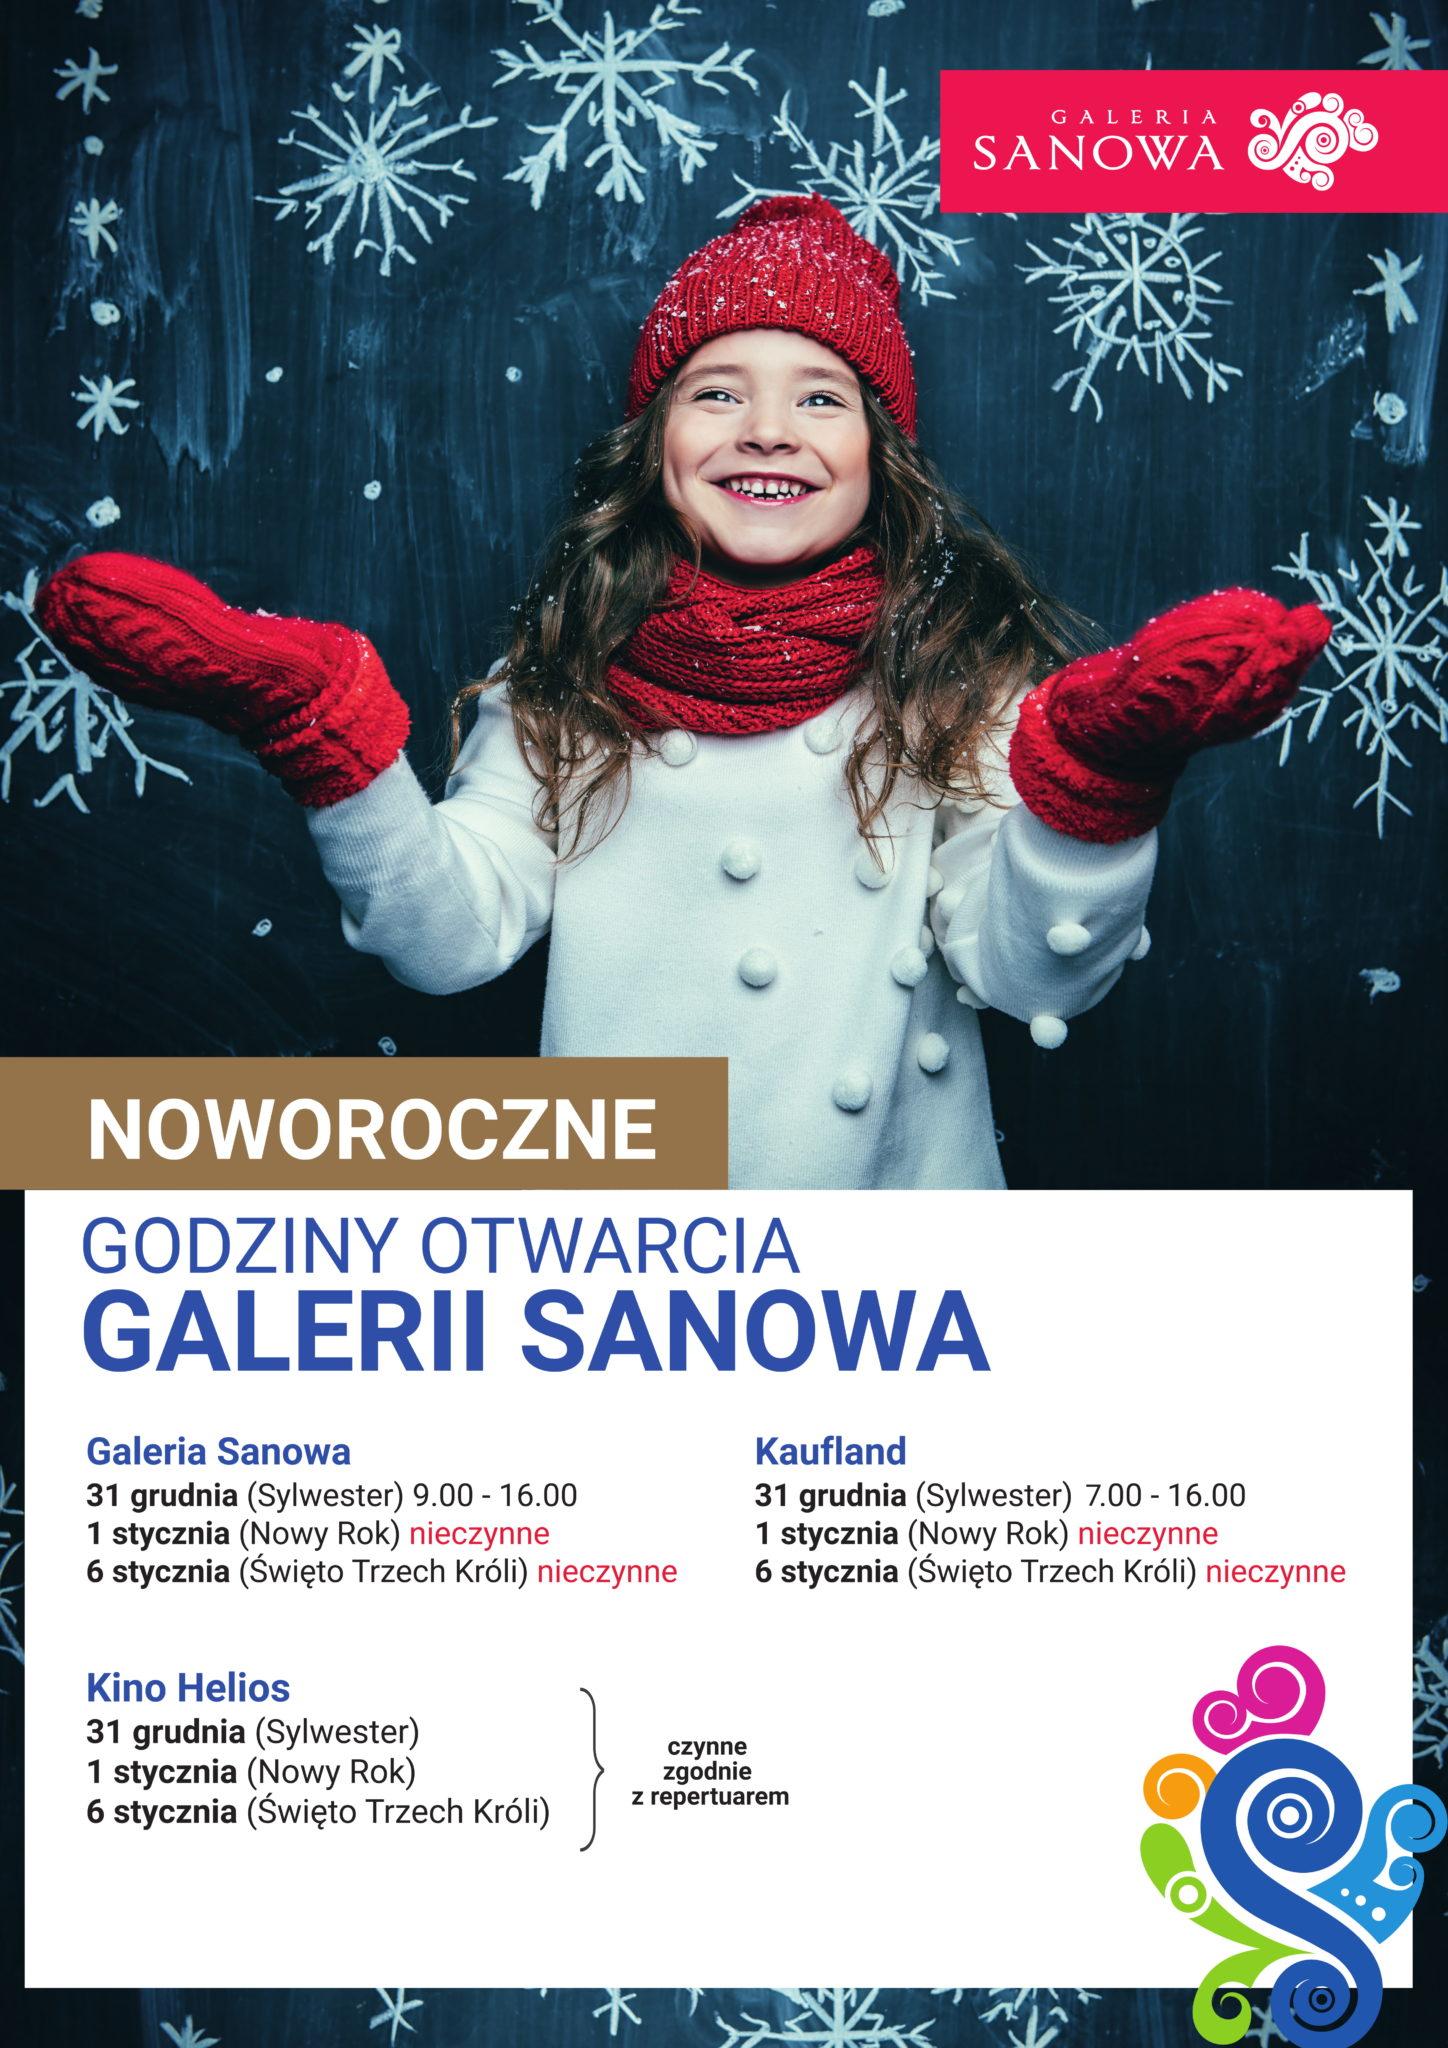 Години роботи Galerii Sanowa в новорічний період c5c16adeaadb2